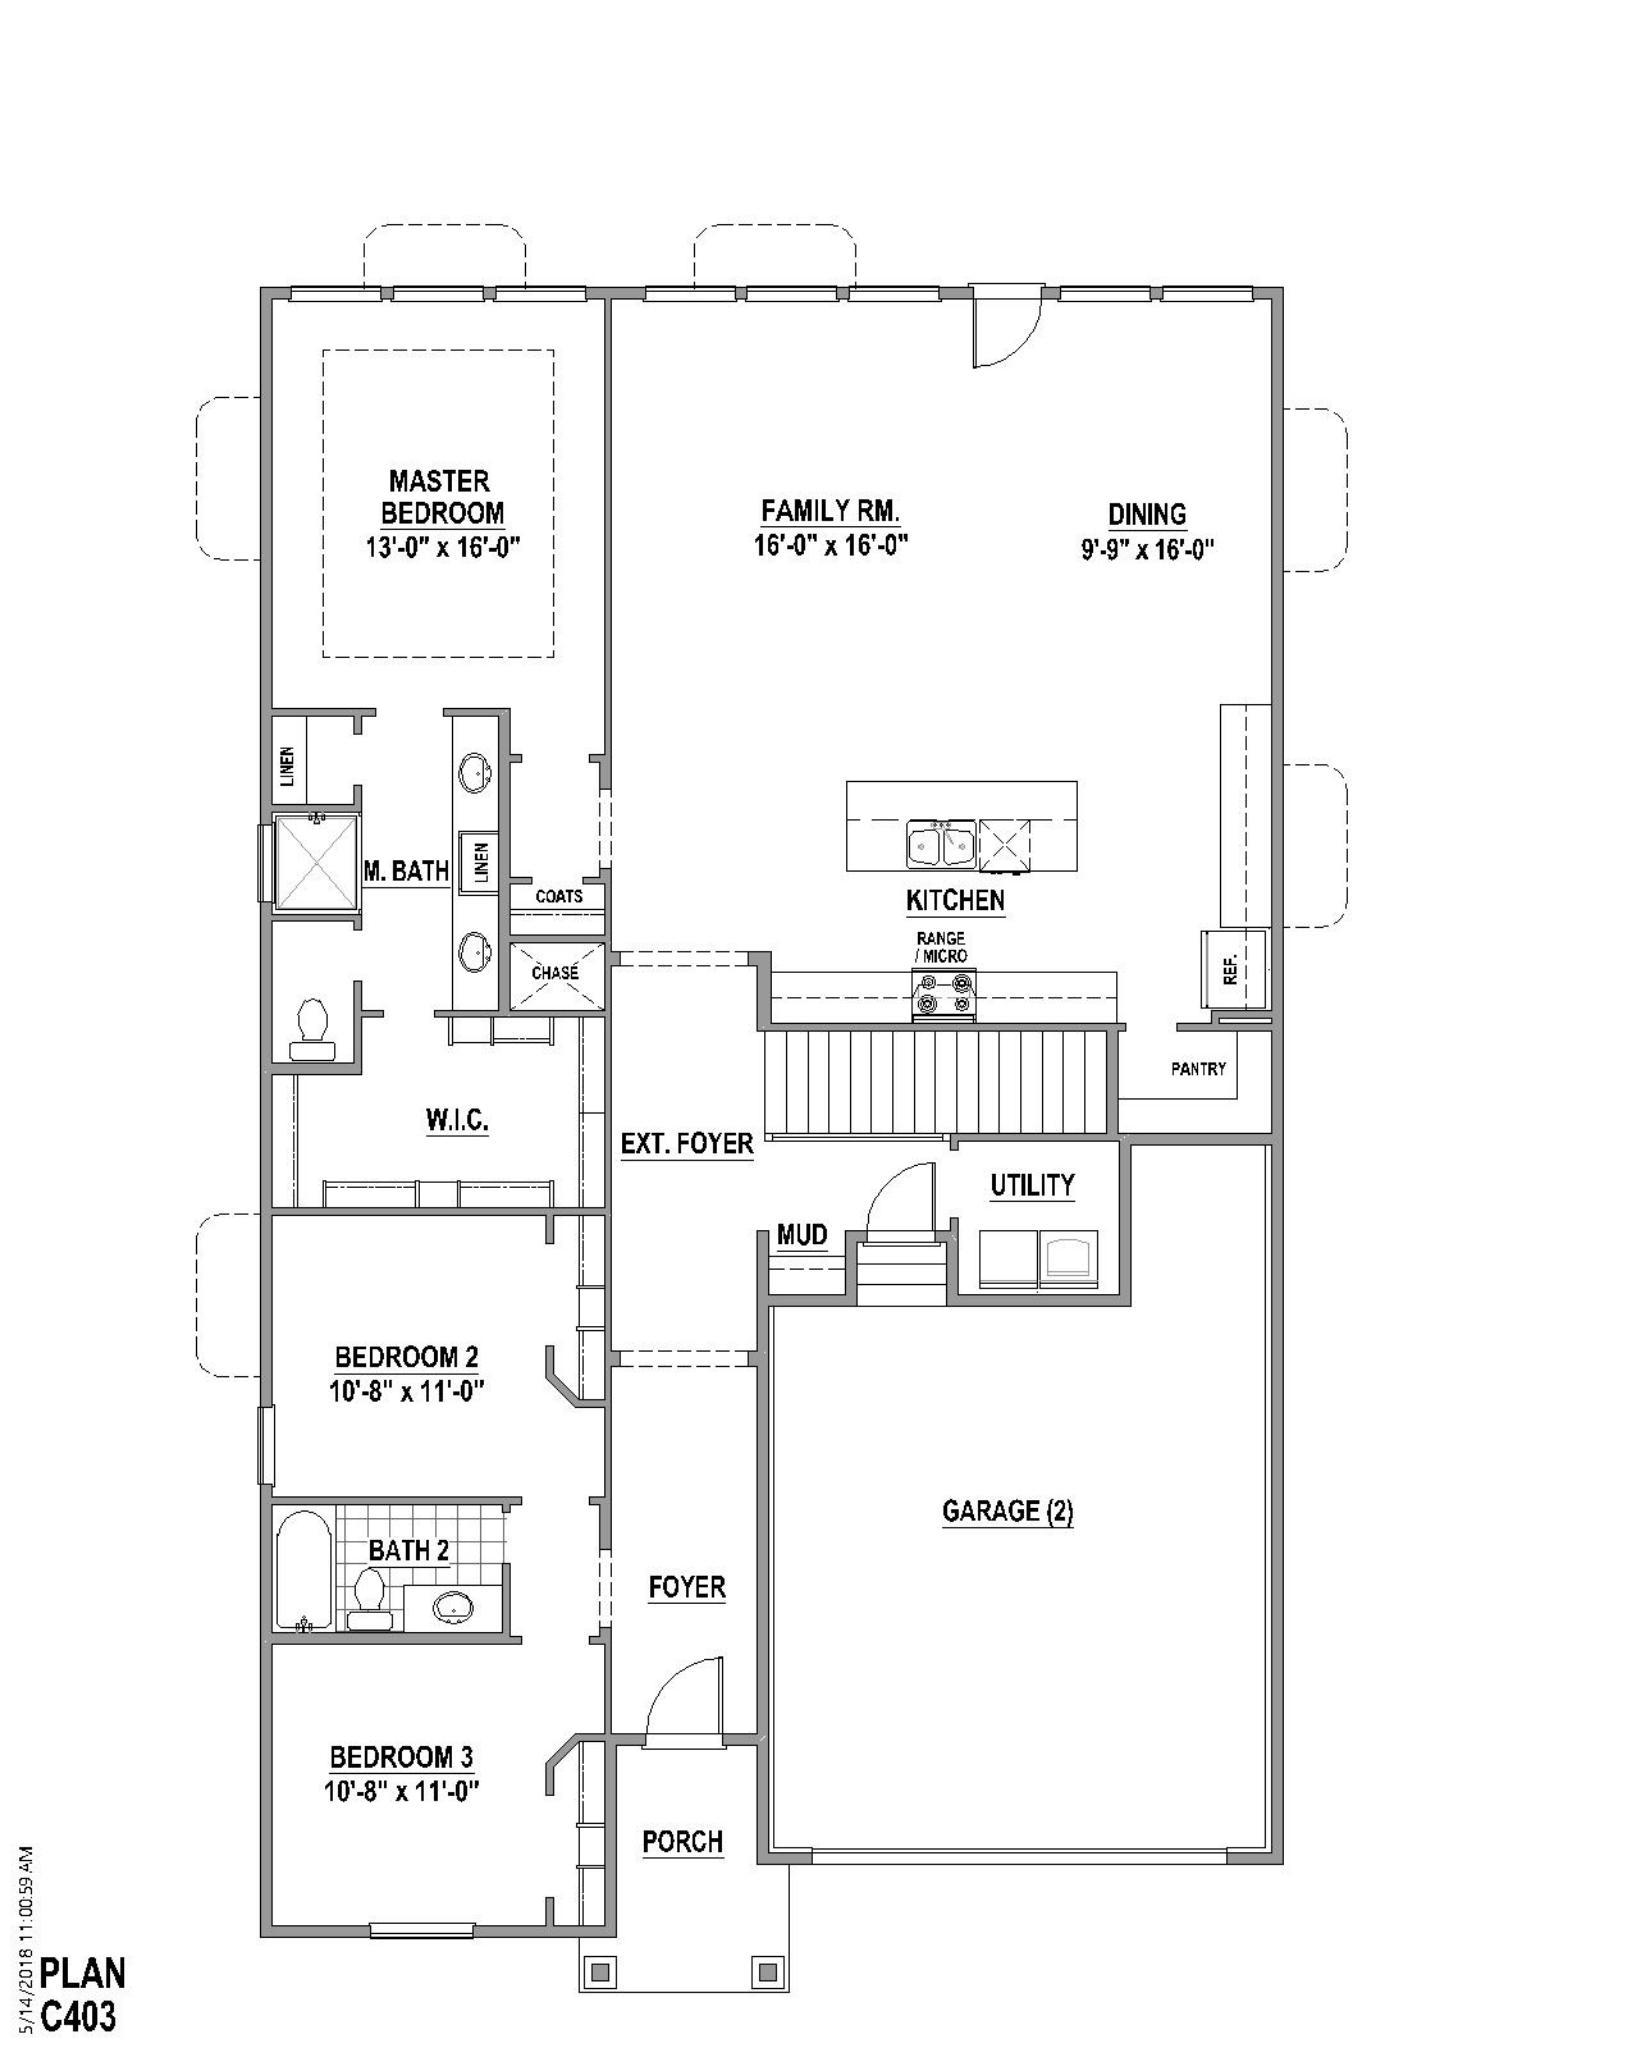 Plan C403 Floor Plan